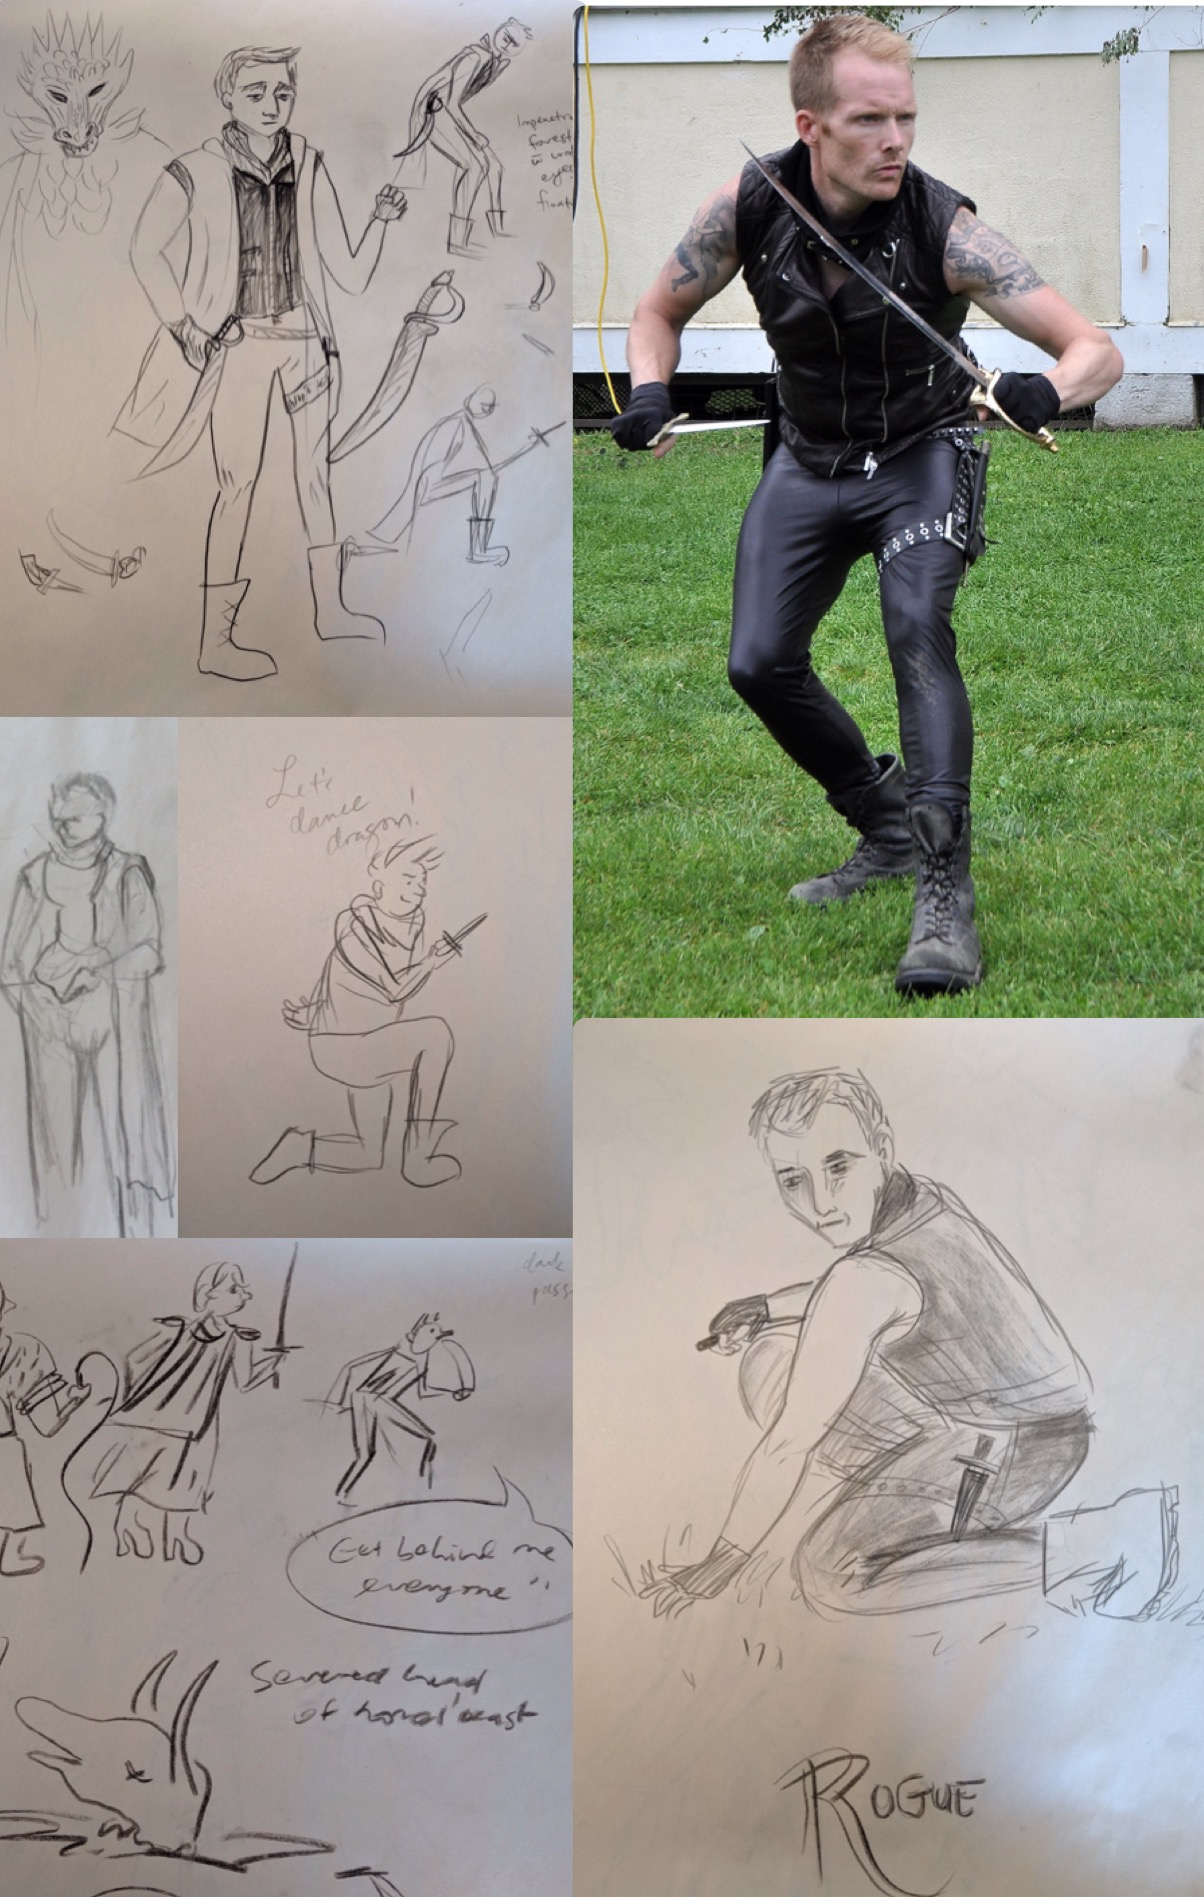 Life drawing_Rogue